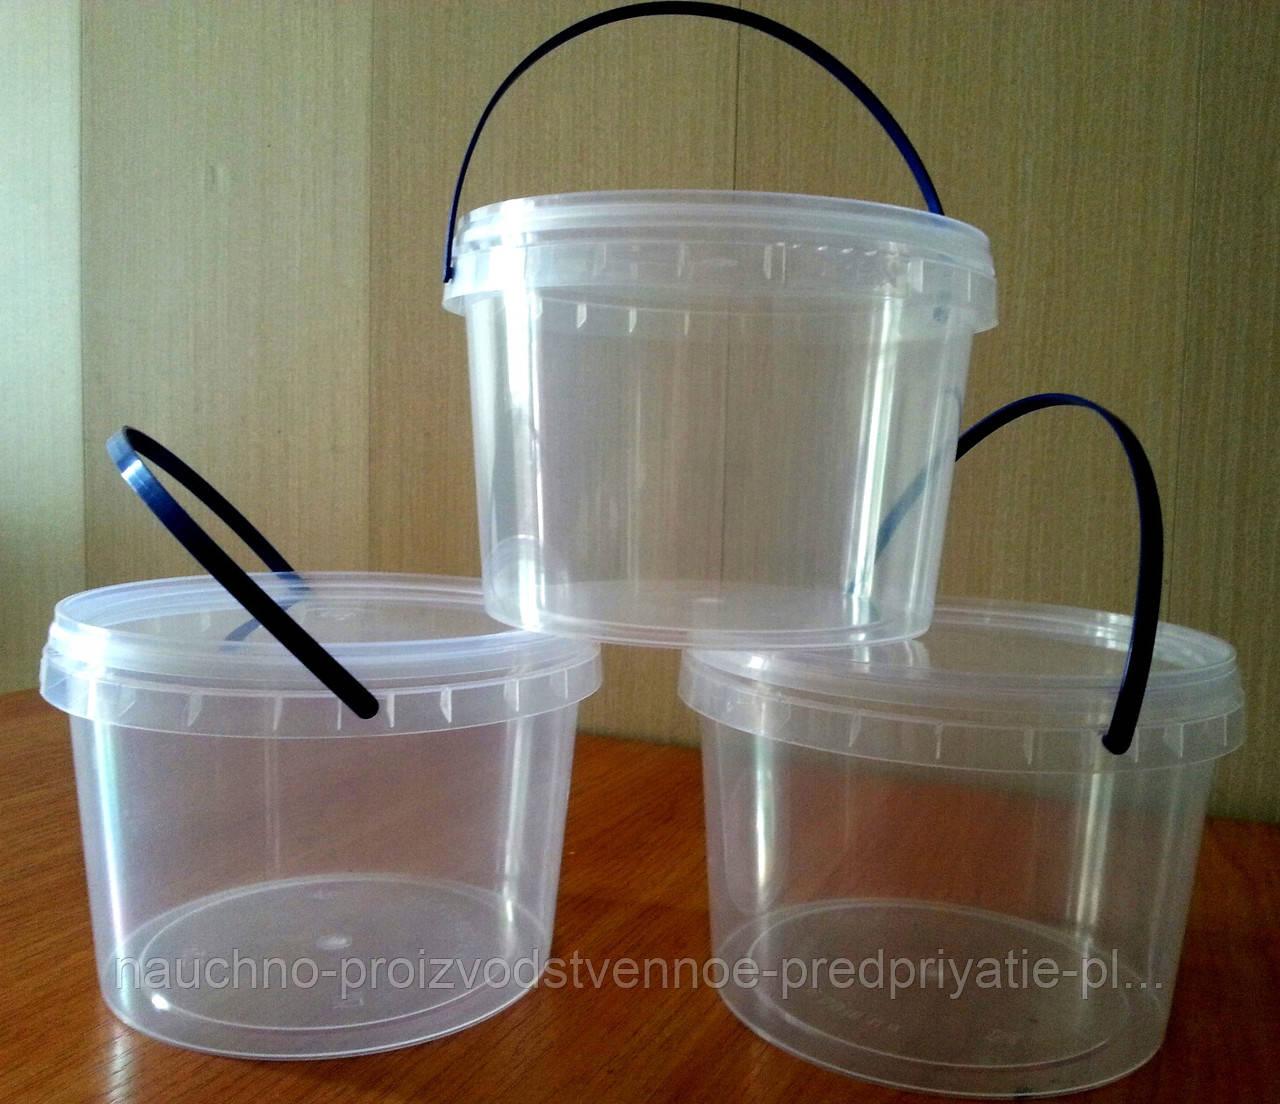 Ведро пластиковое пищевое с крышкой 2.3 литр